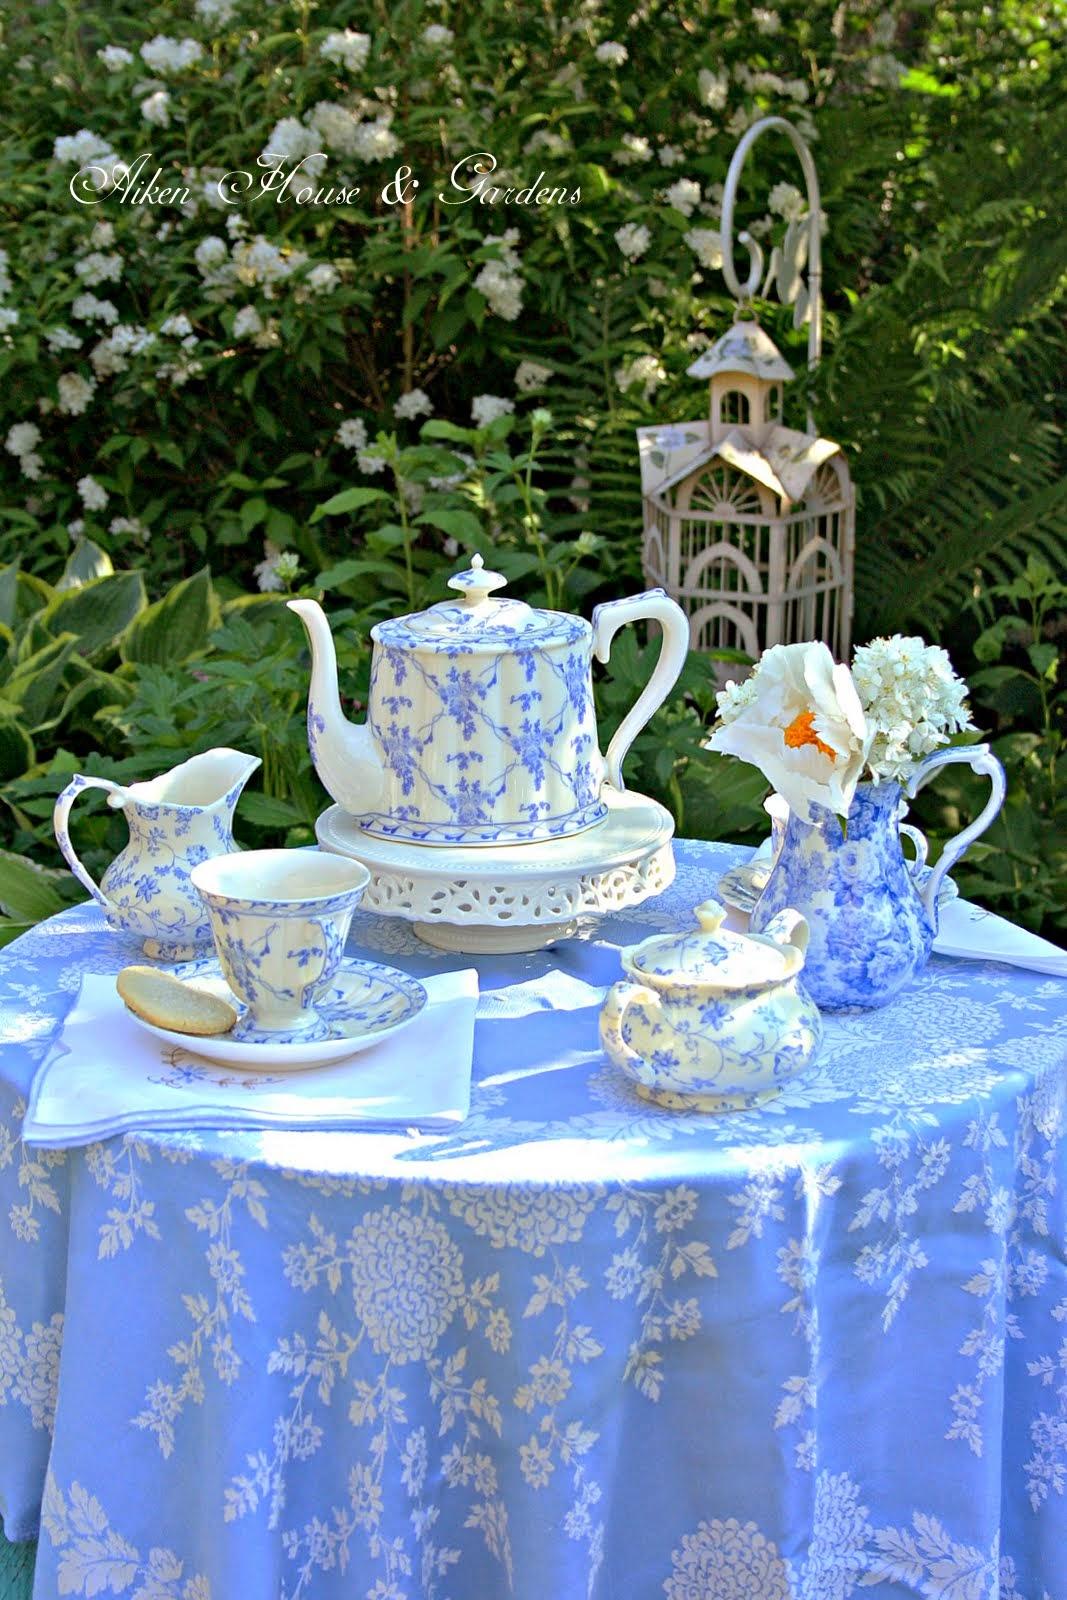 Aiken House Gardens Tea In The Garden